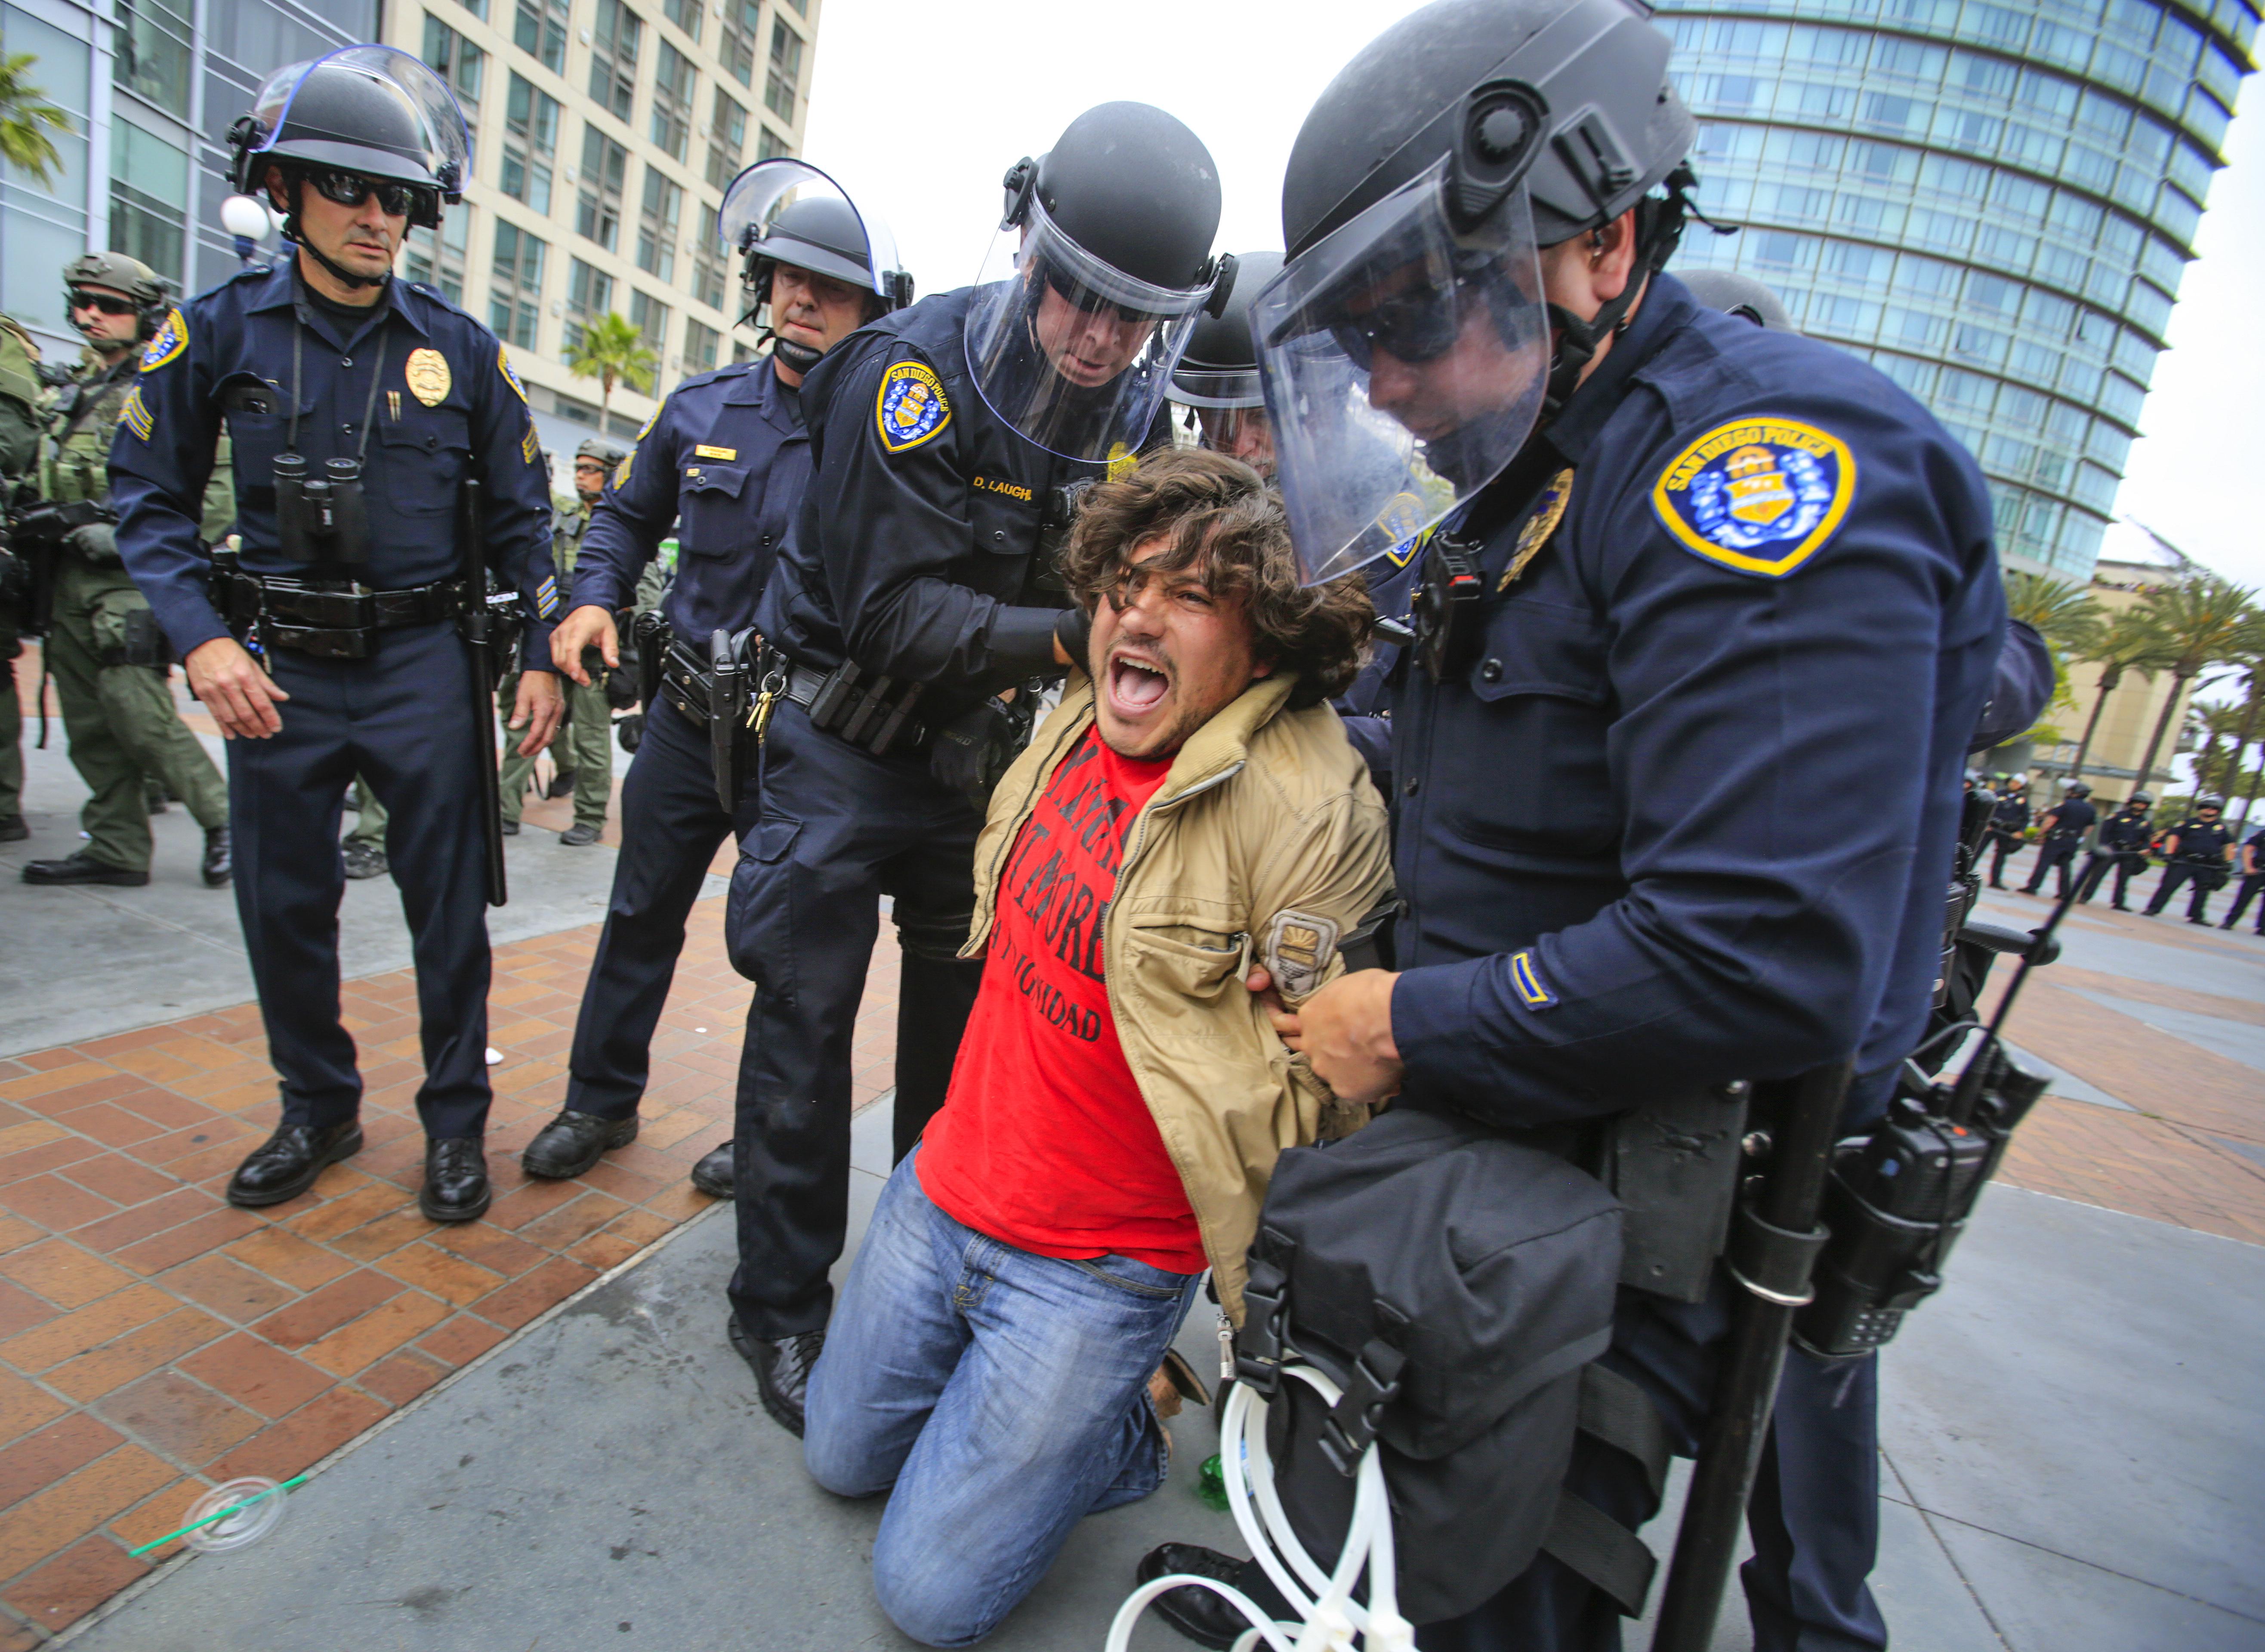 在川普演說的會場外,警方逮捕激烈示威抗議的民眾。(美聯社)